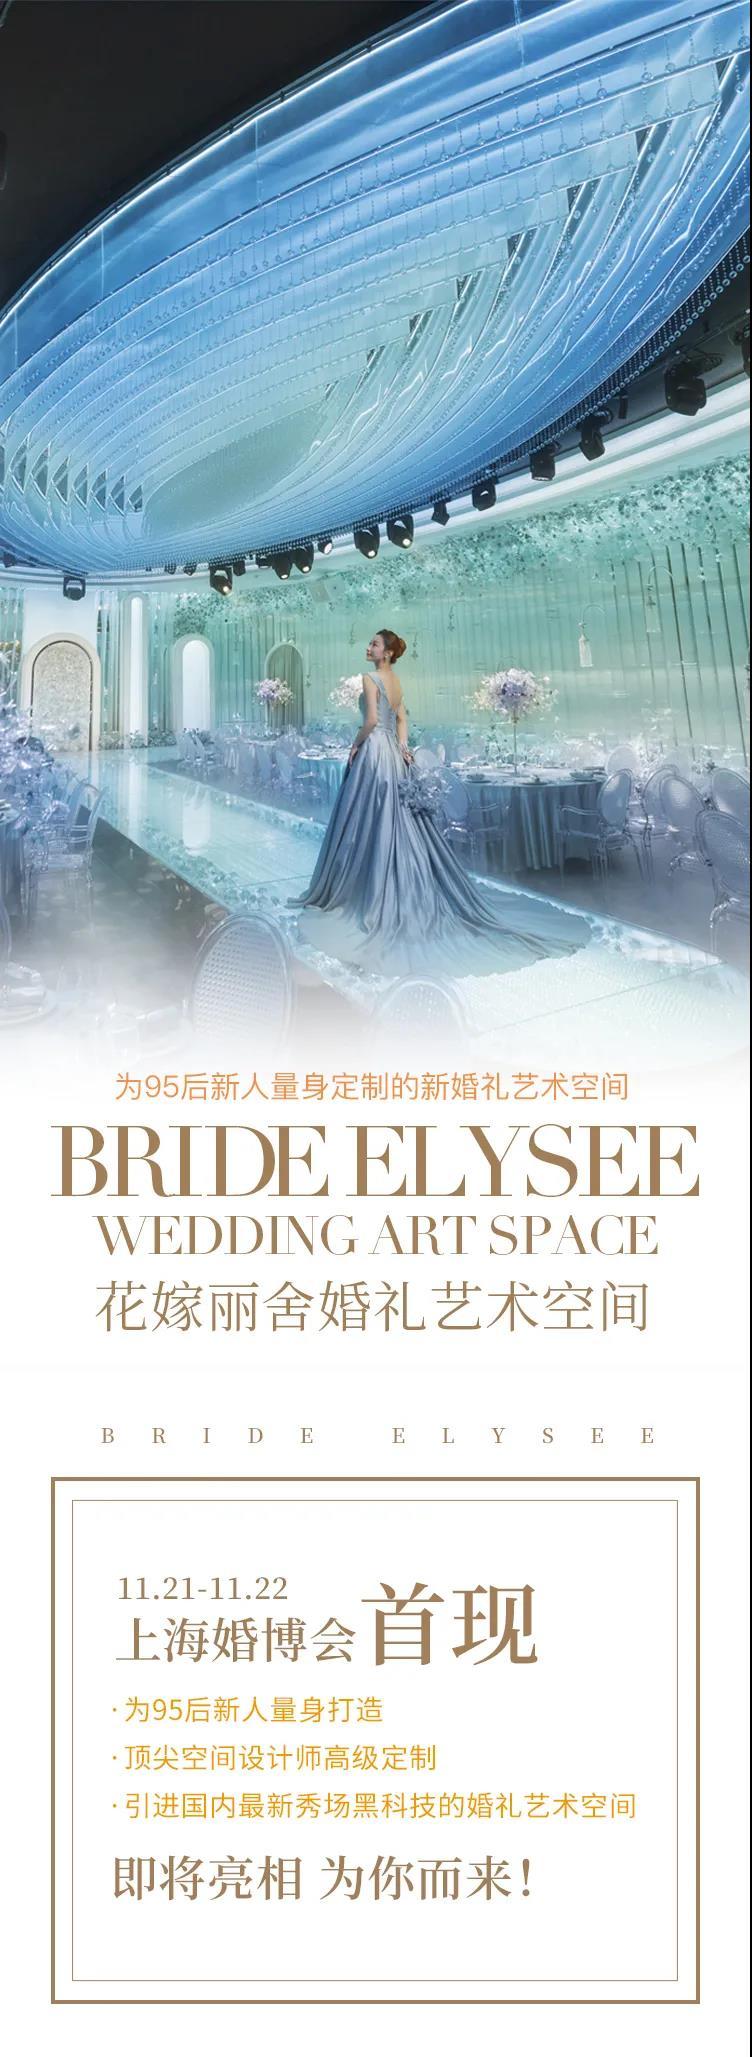 婚礼堂发布:花嫁丽舍X赖梓愈,婚礼艺术空间即将亮相